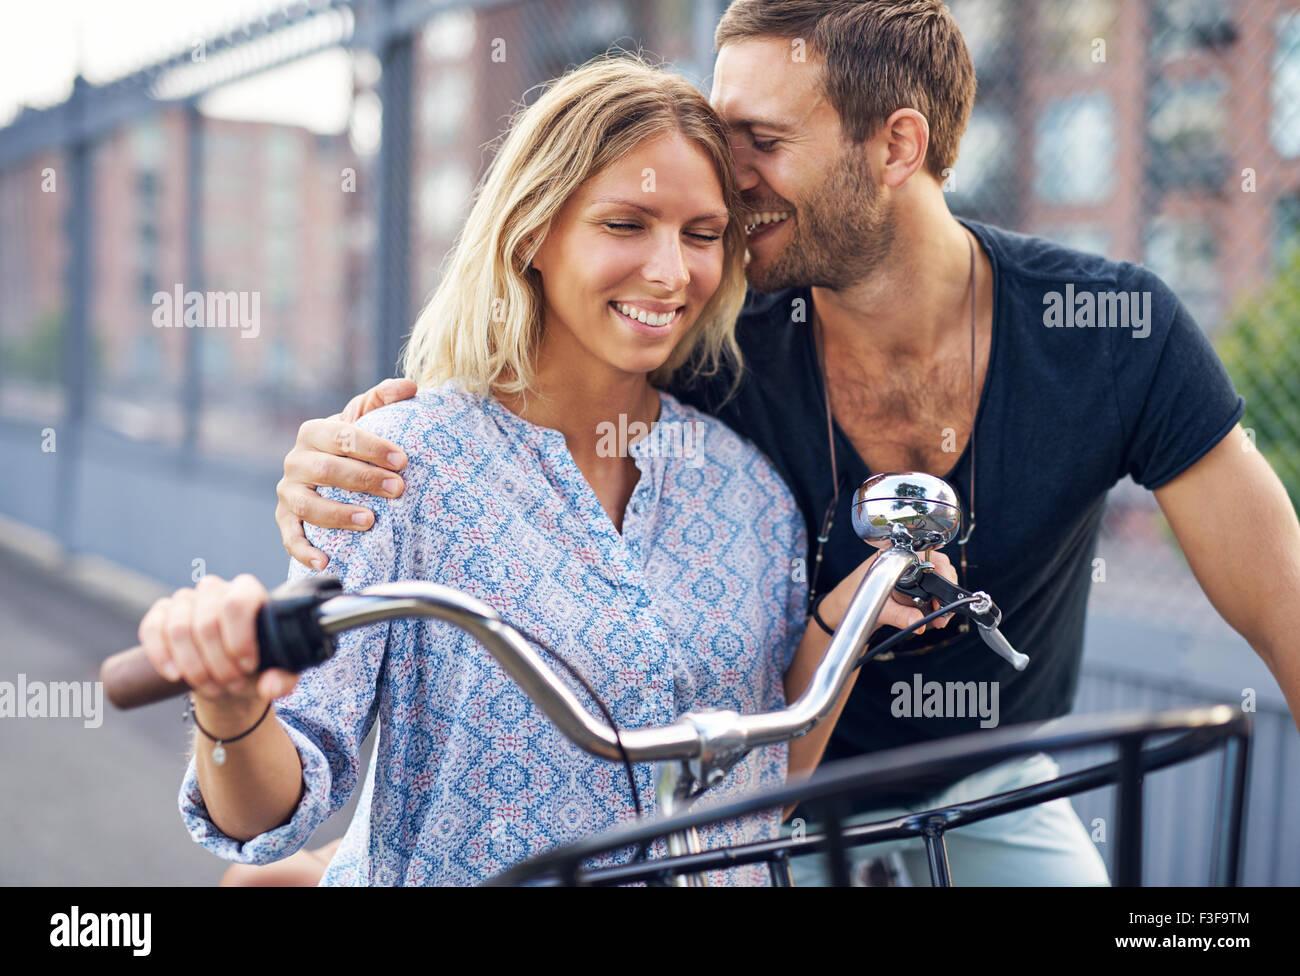 Stadt-paar einander zu lieben, während Sie Fahrrad fahren Stockbild